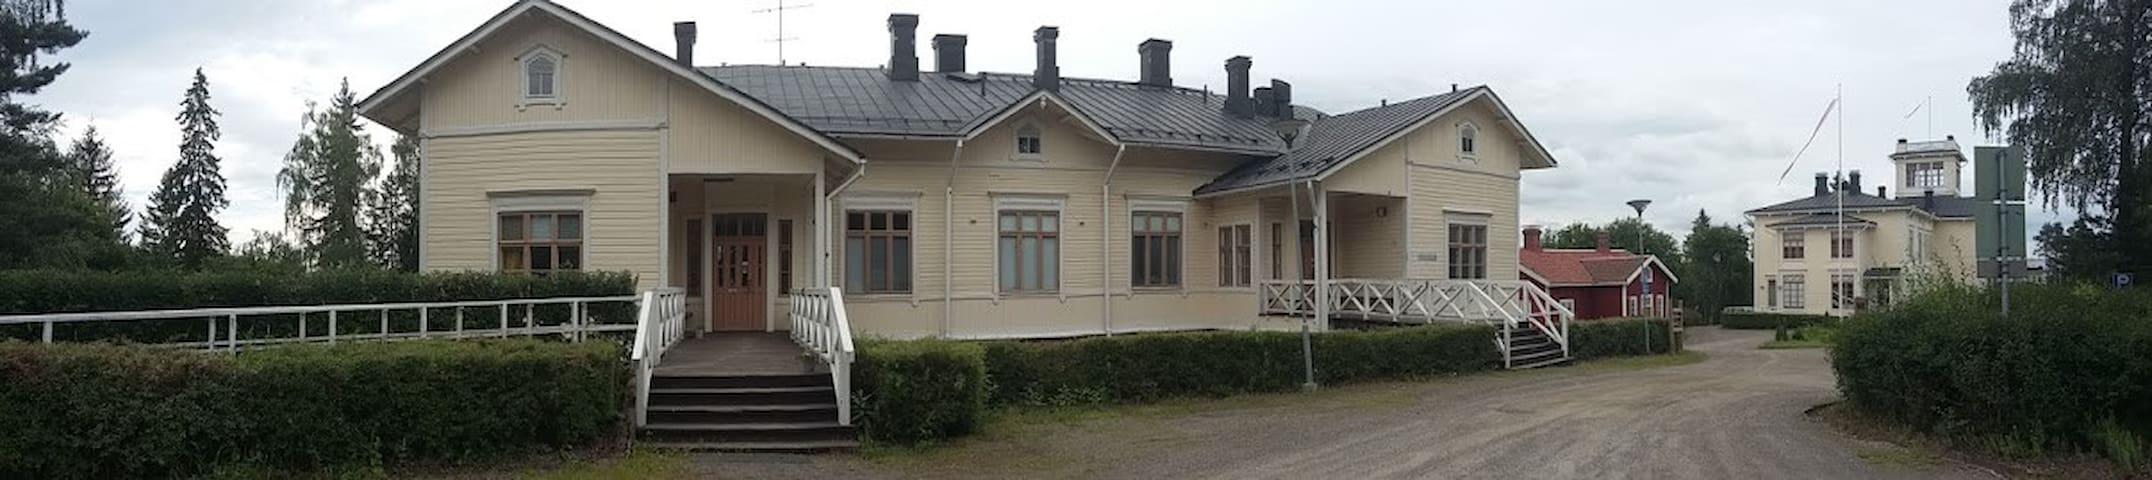 Kuusistola 1, sininen - Hämeenlinna - Appartement